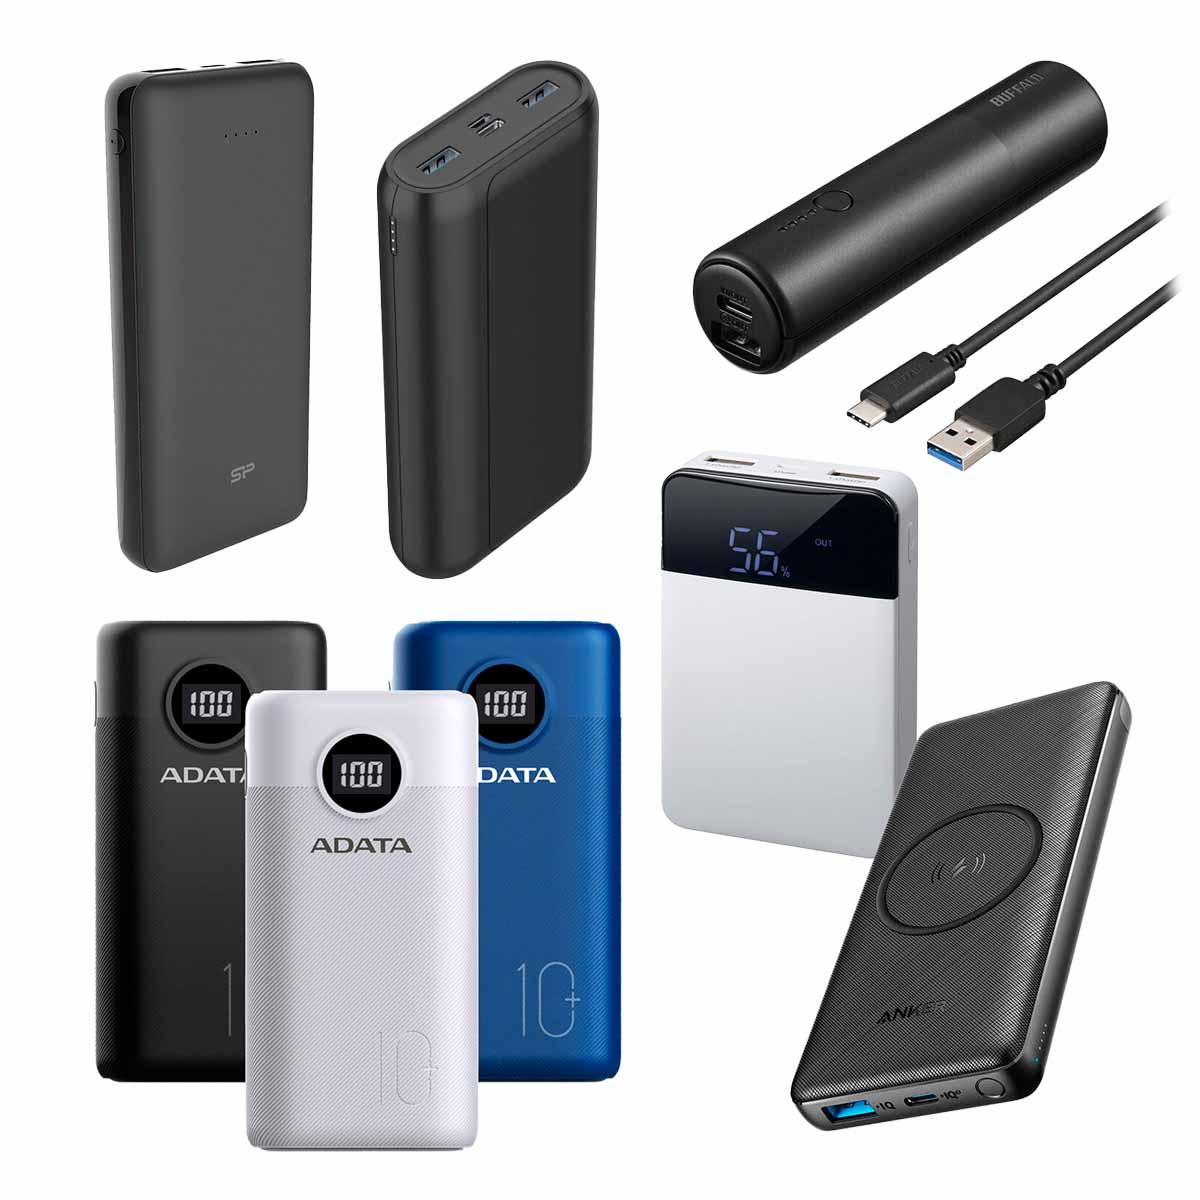 《2019年》失敗しないモバイルバッテリーの選び方とおすすめ8製品